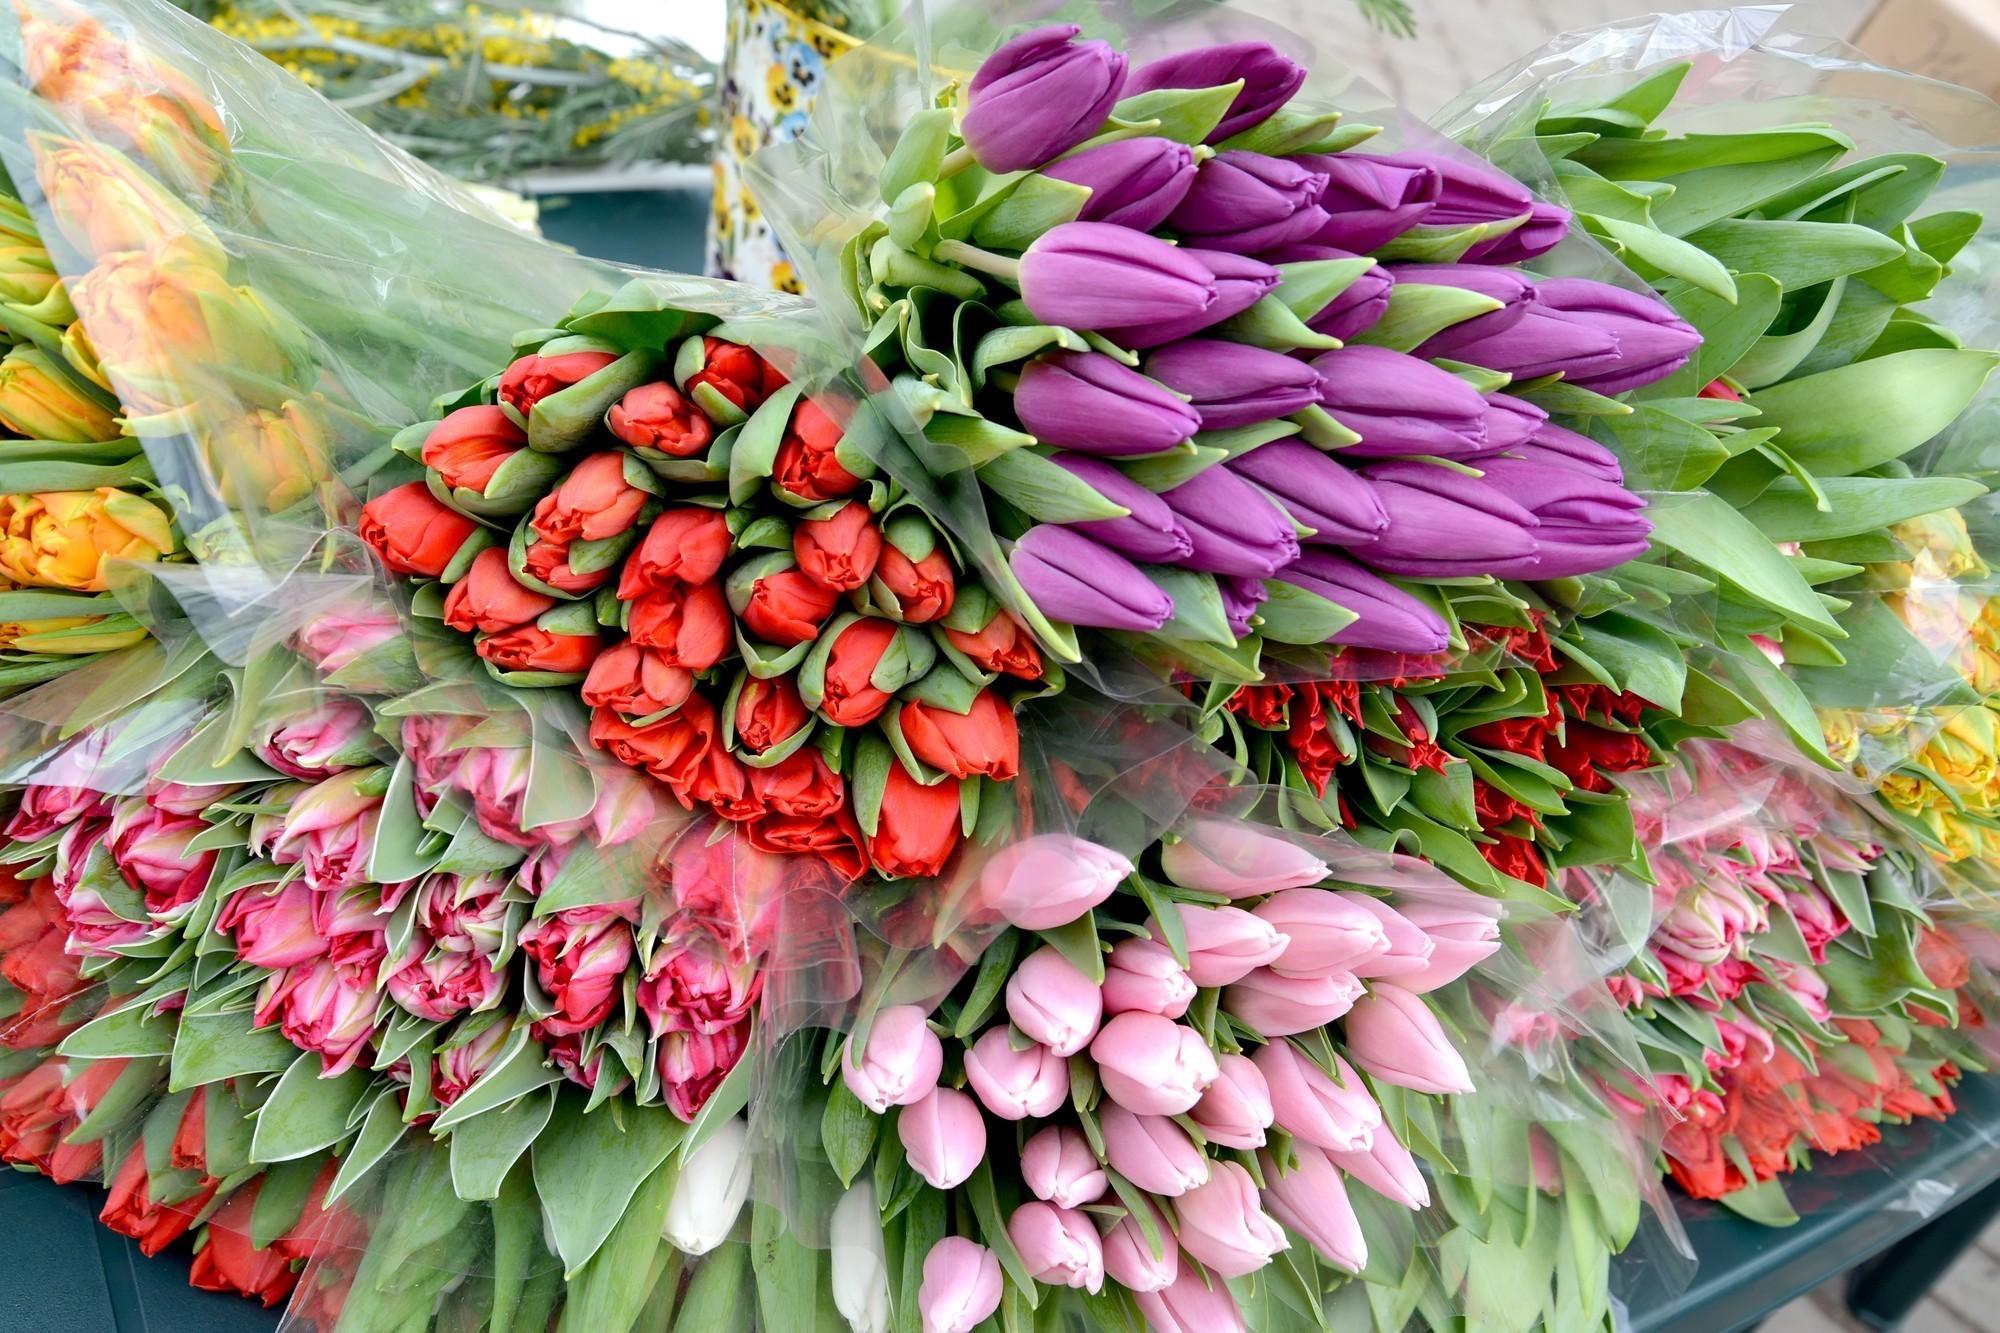 Вместо тысячи слов: как выразить свои чувства при помощи букета цветов?